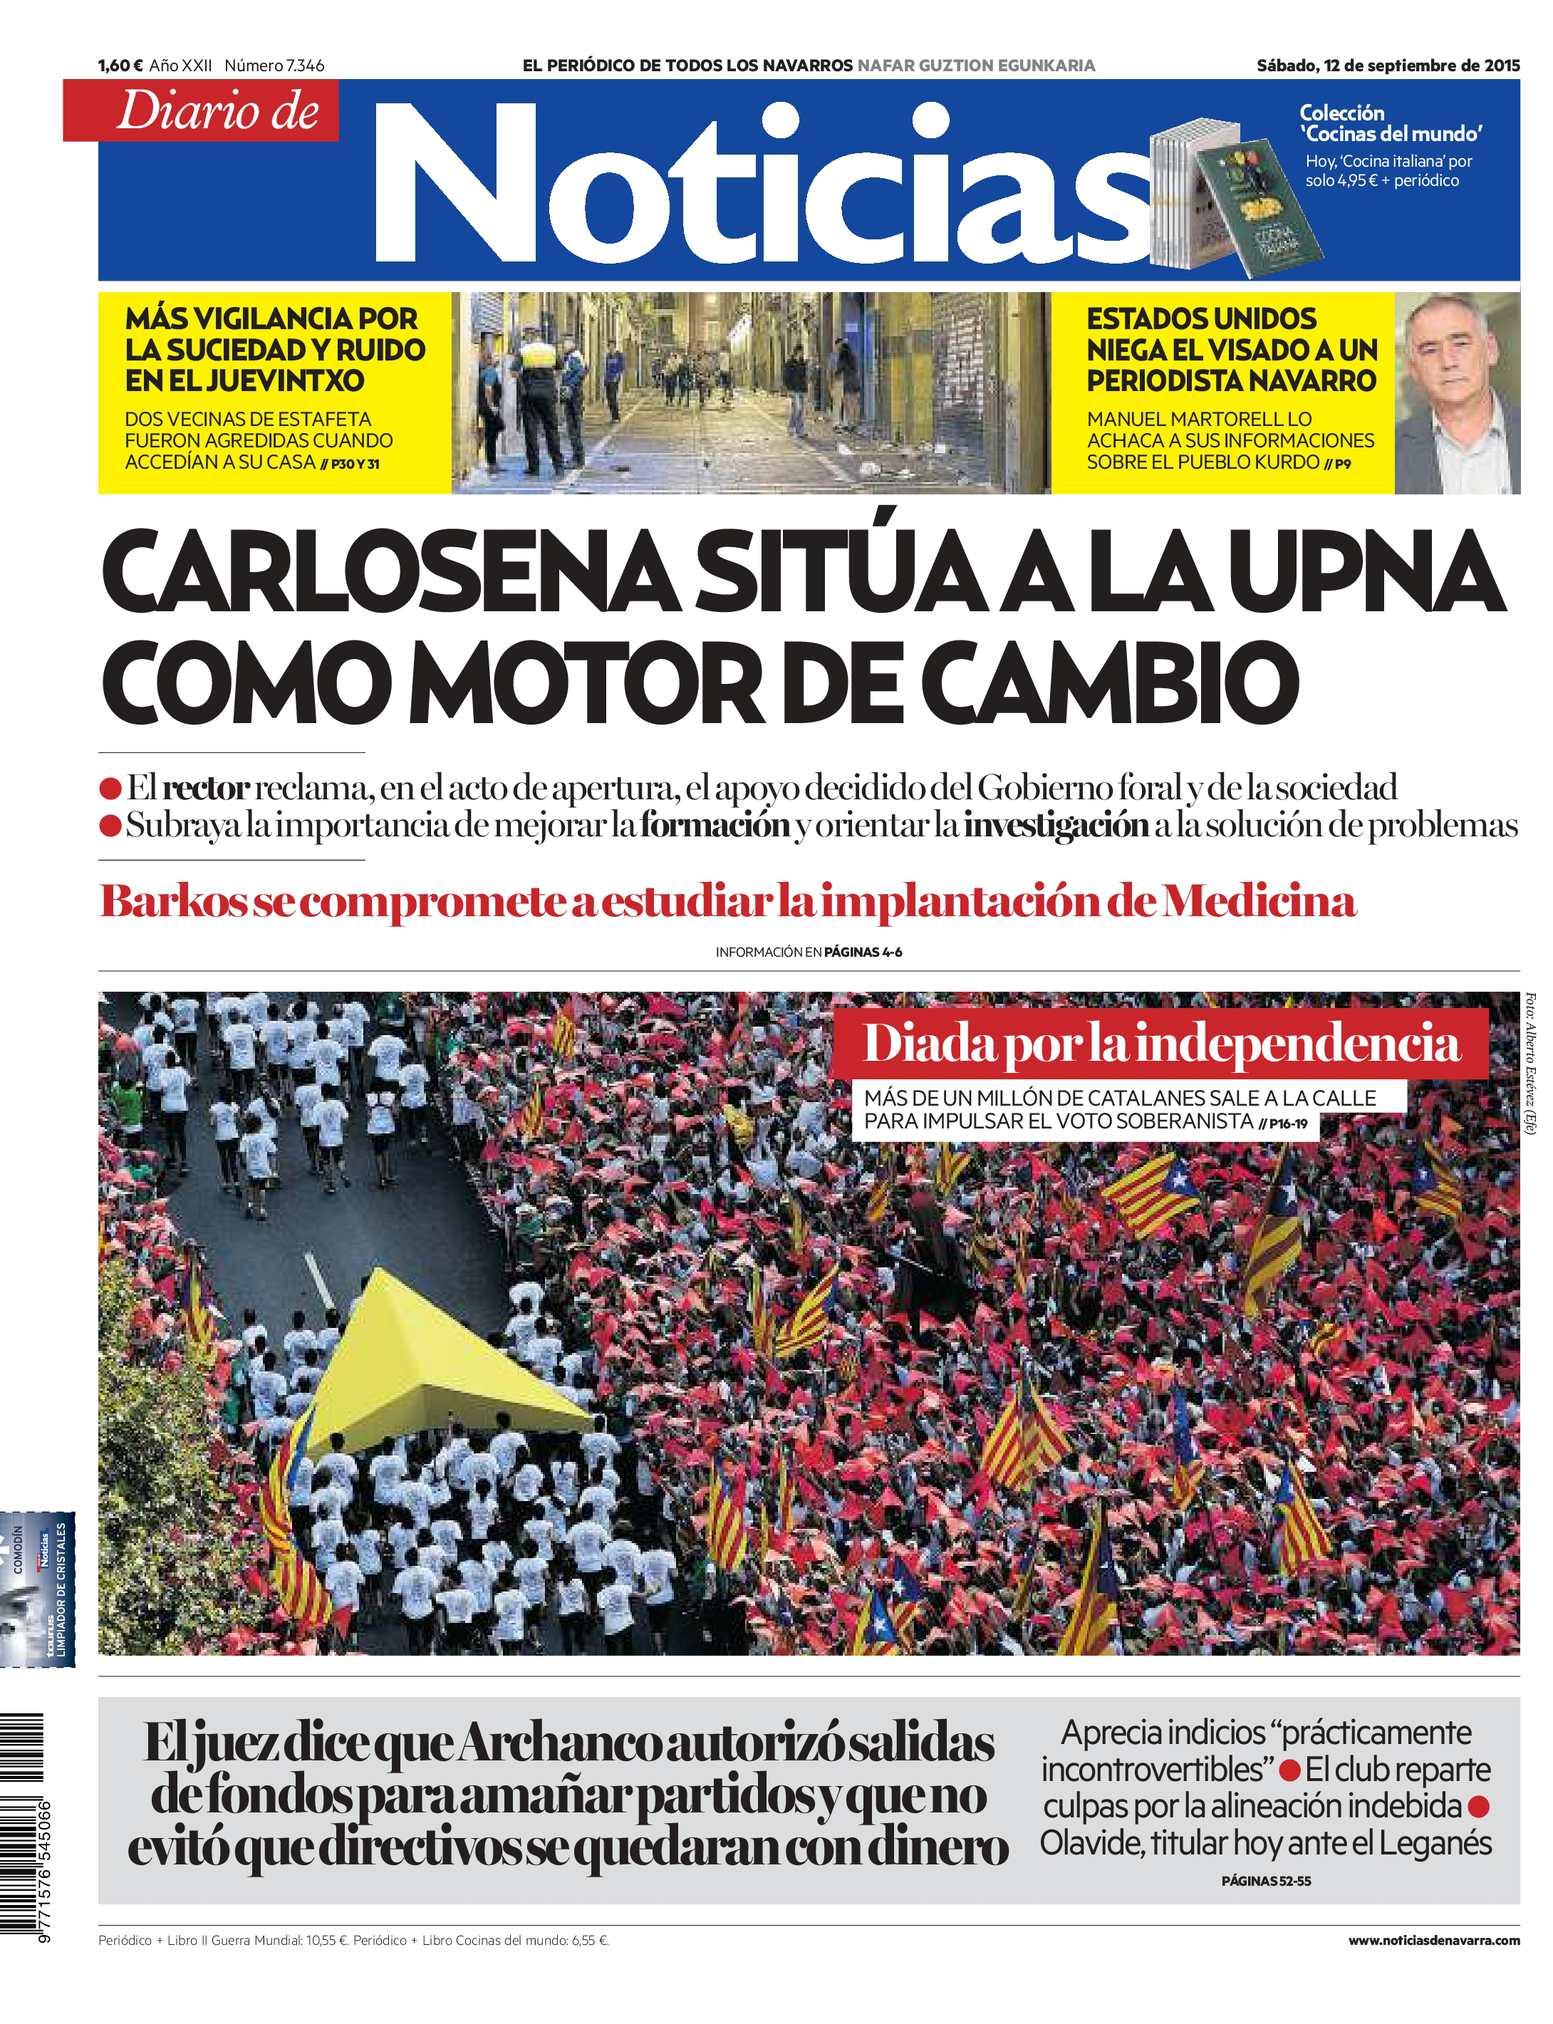 a2ea6dca87 Calaméo - Diario de Noticias 20150912